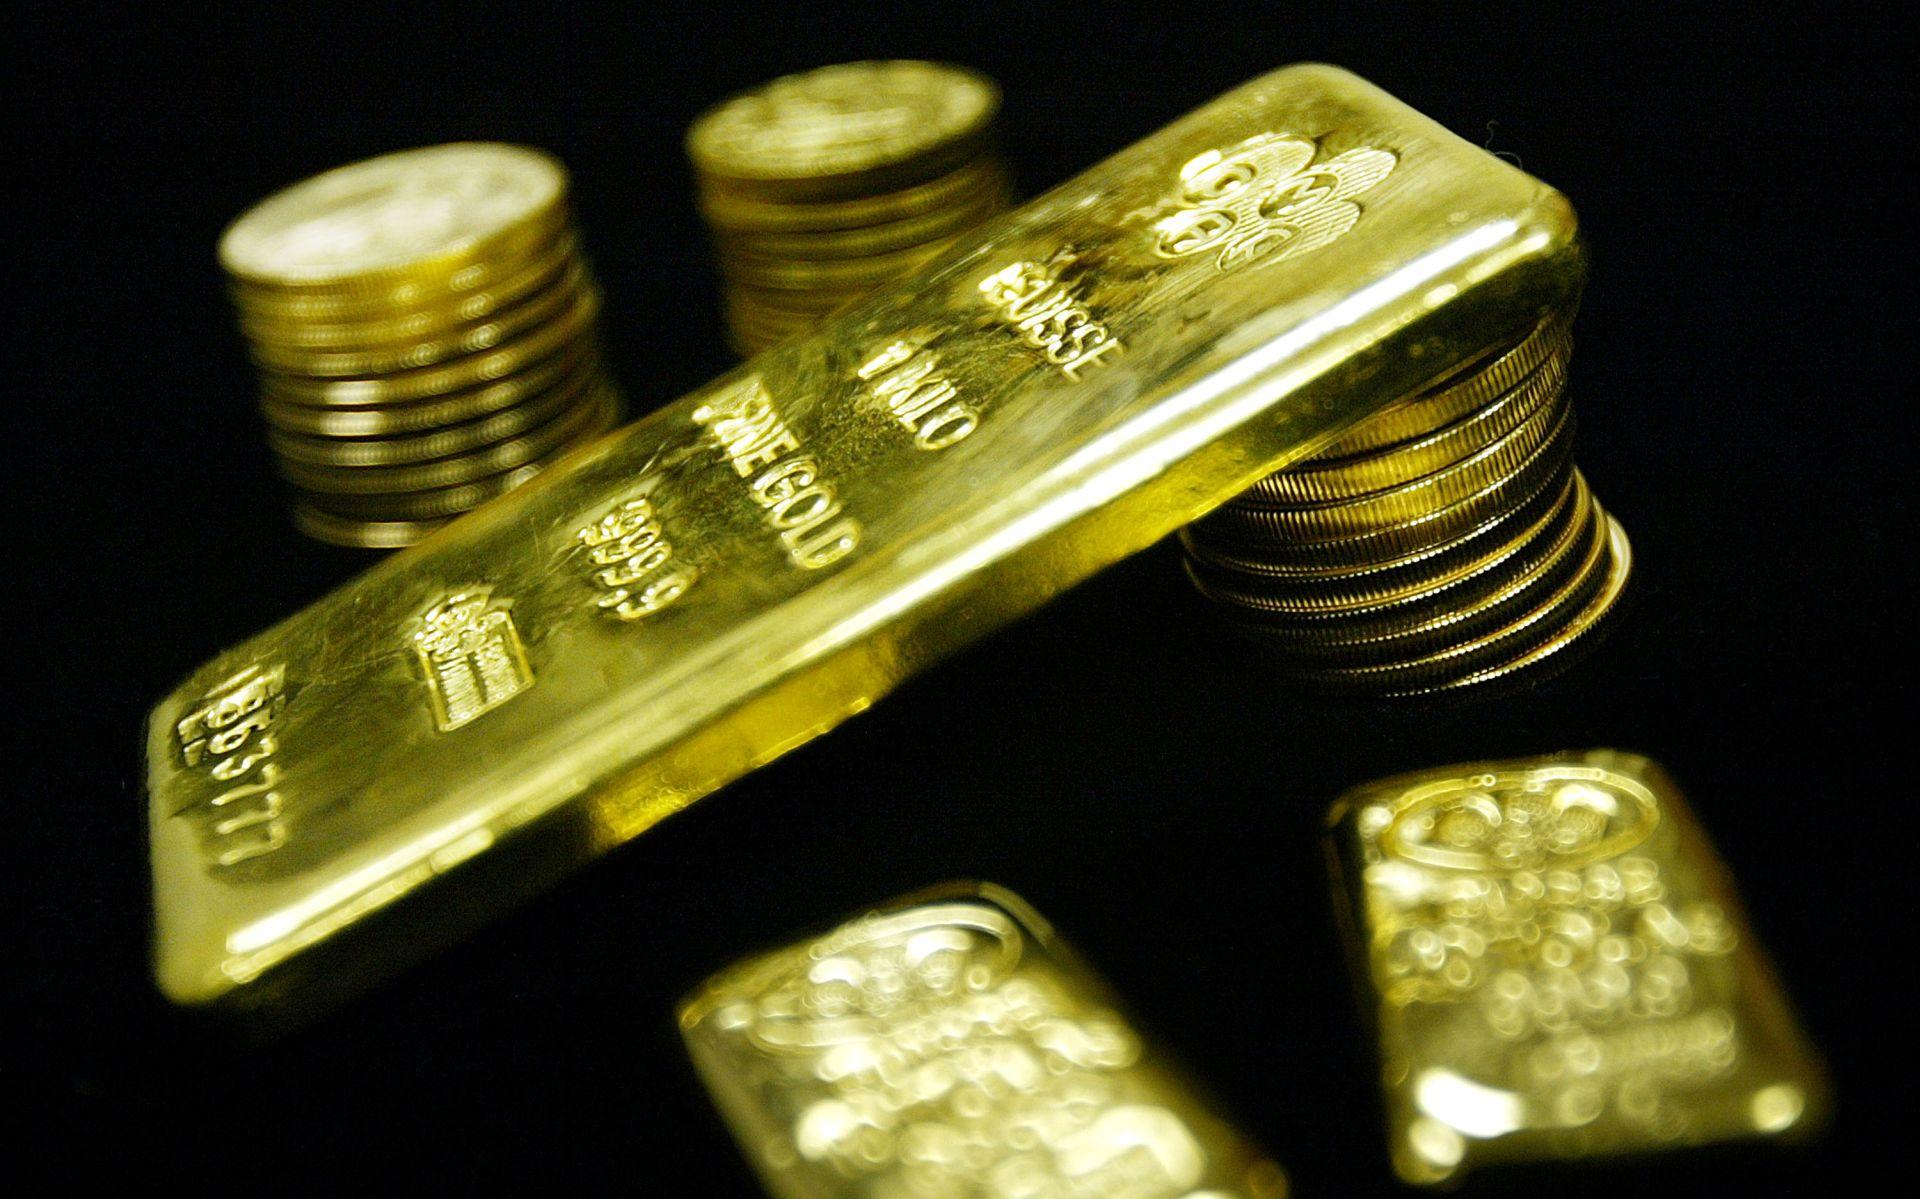 POD PRITISKOM TRŽIŠTA Cijena zlata pala ispod 1.100 dolara, prvi puta od 2010.